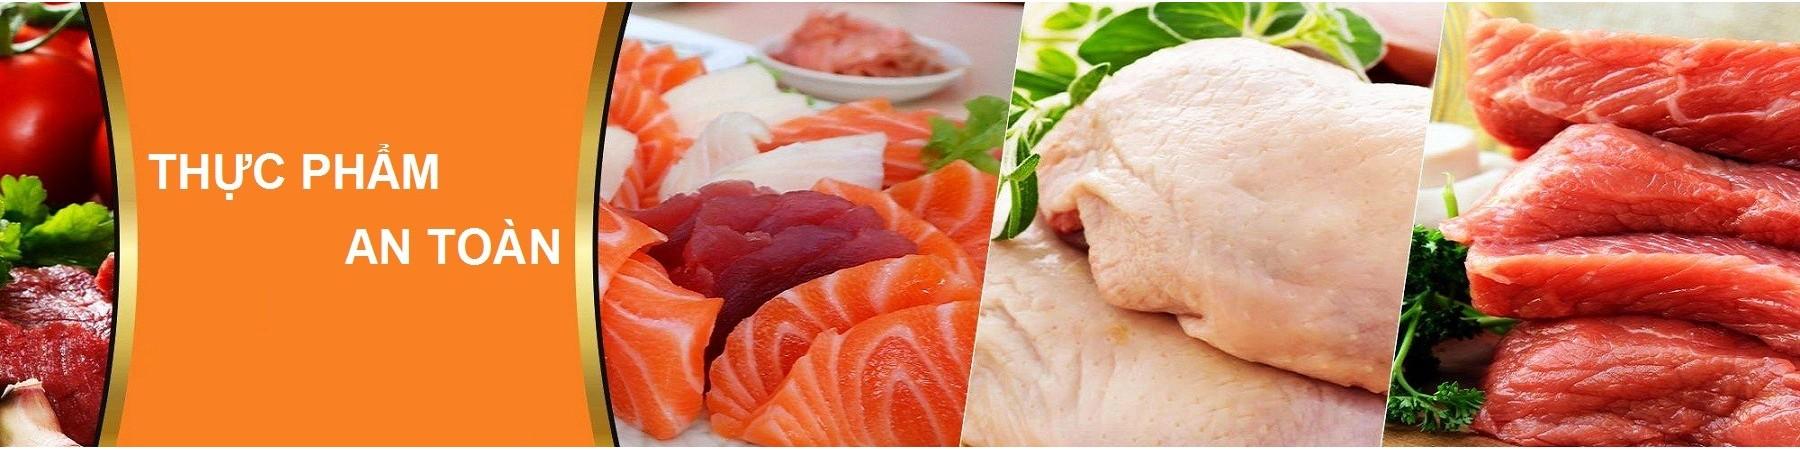 Thực phẩm sạch, đồ hộp, đóng gói, chất lượng cao, nhập khẩu, an toàn